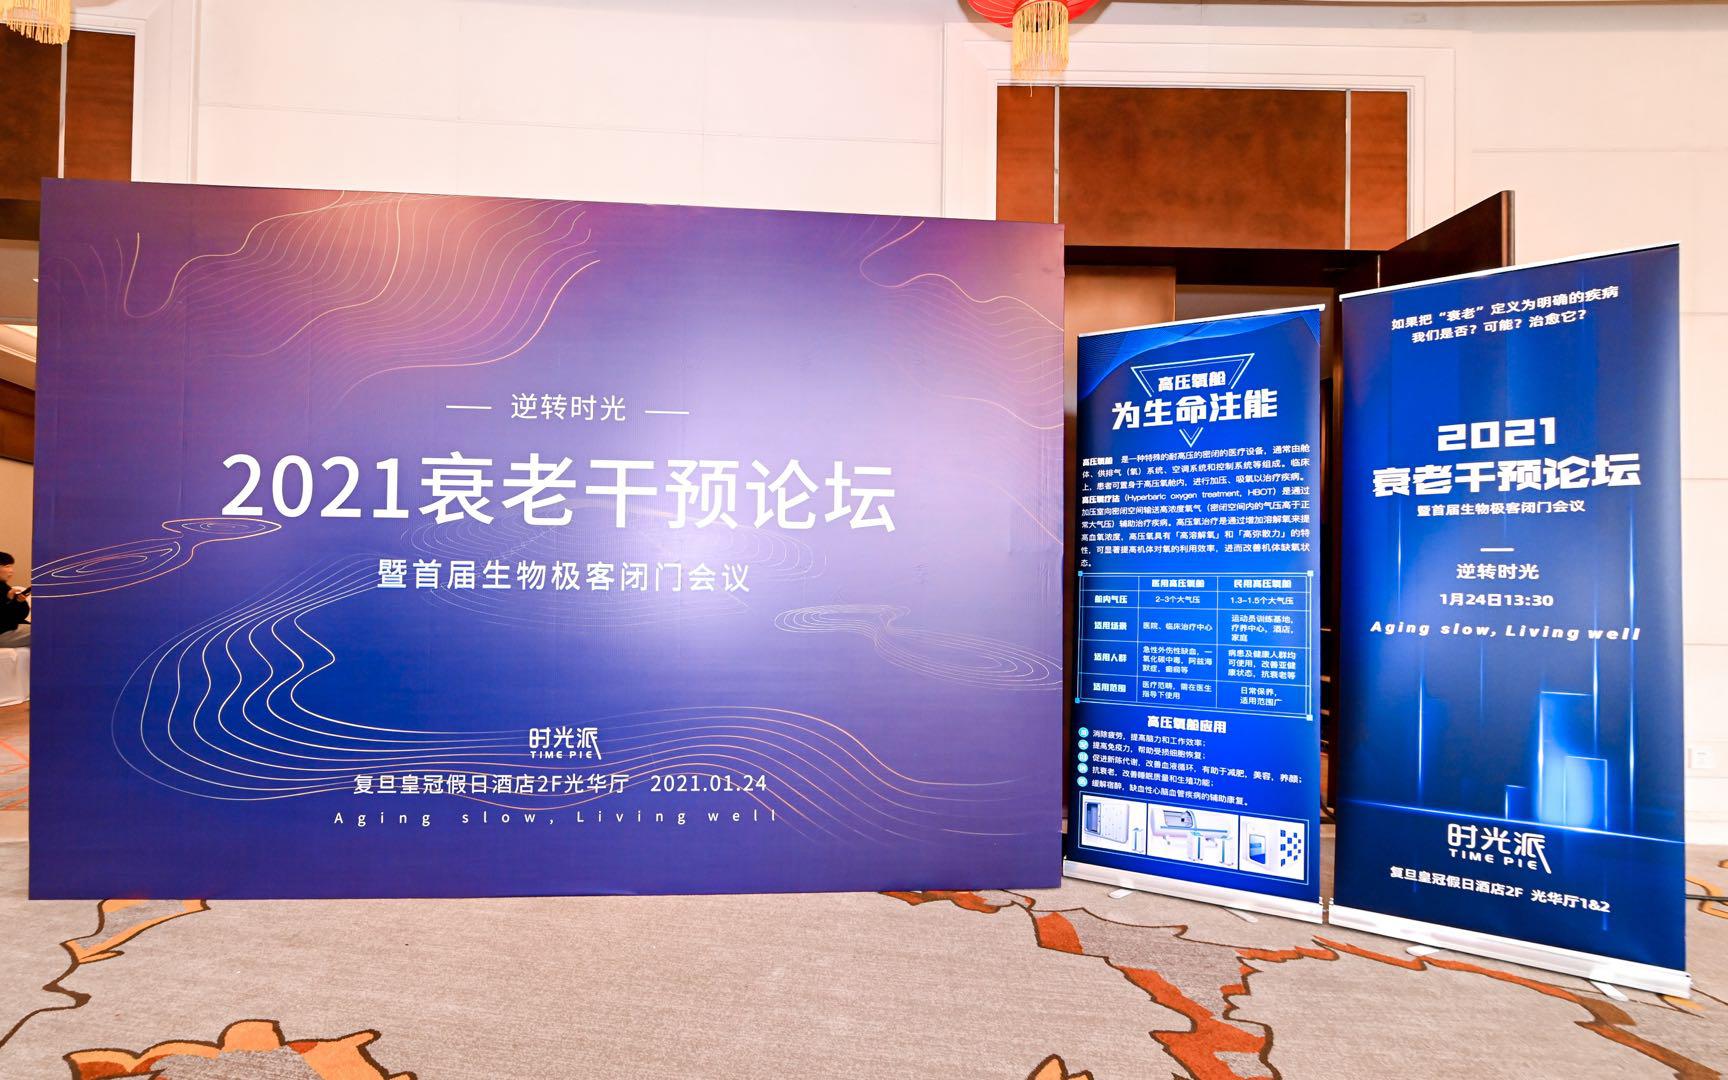 2021衰老干预论坛开幕上海成功举办